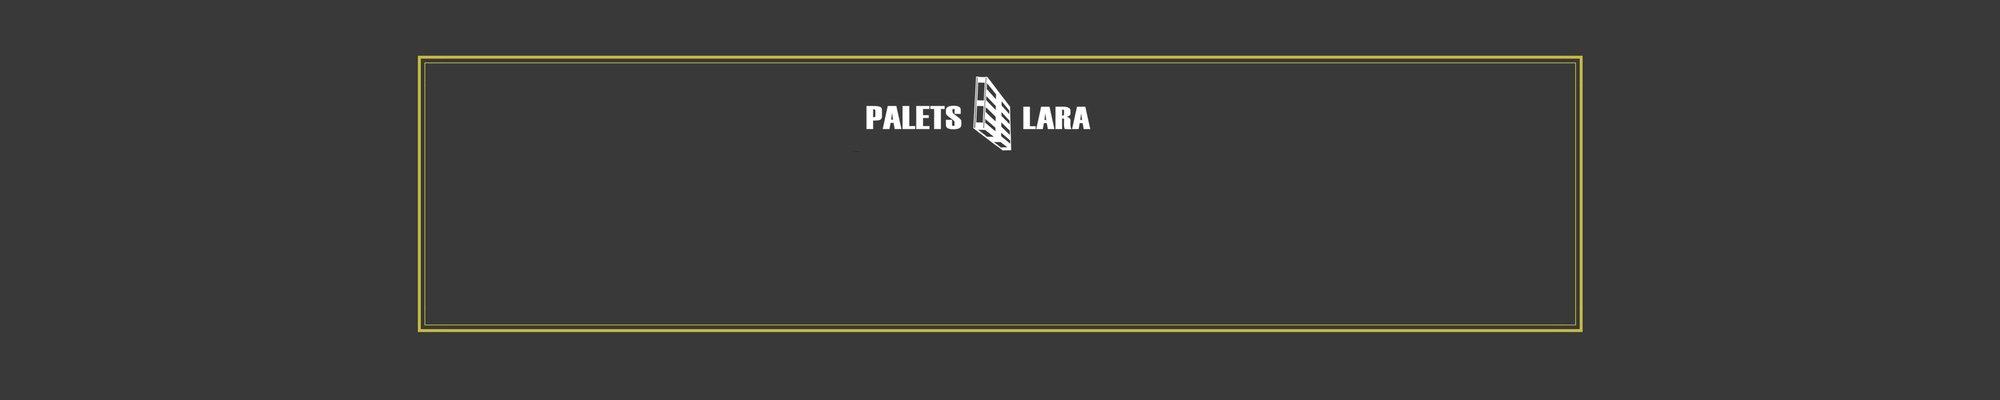 catalogo-palets-lara